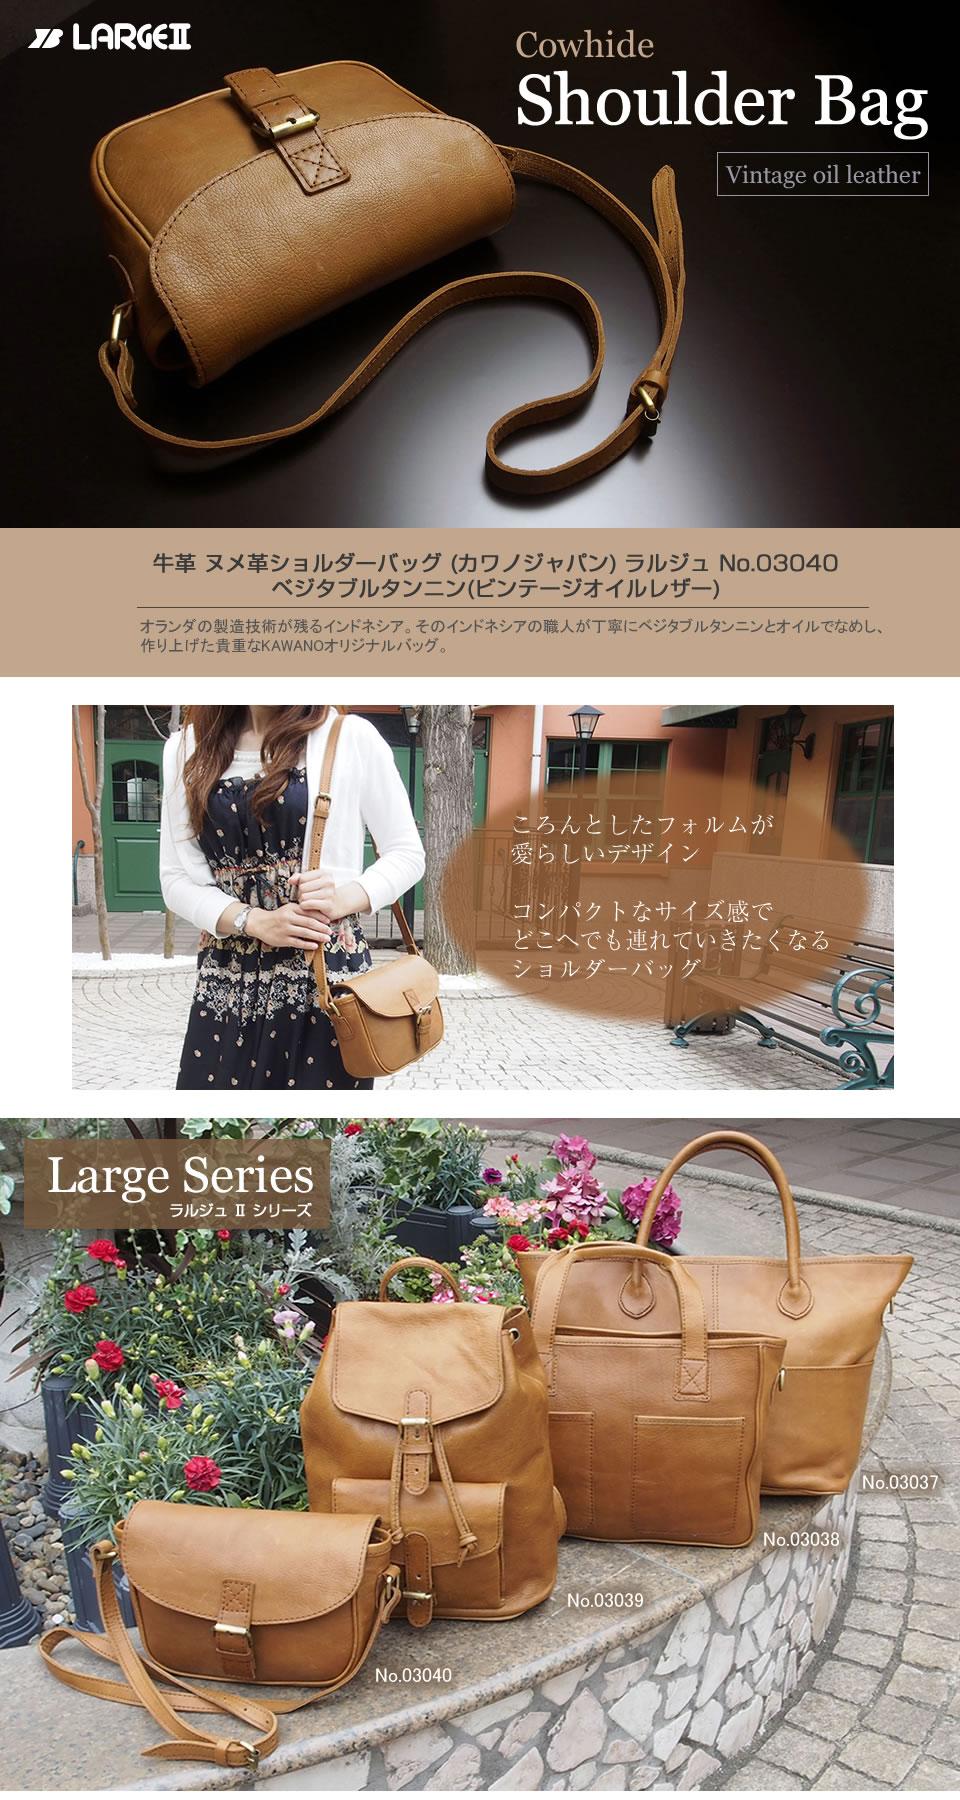 牛革 ヌメ革ショルダーバッグ | KawanoJapan (カワノジャパン) ラルジュ No.03040ベジタブルタンニン(ビンテージオイルレザー)